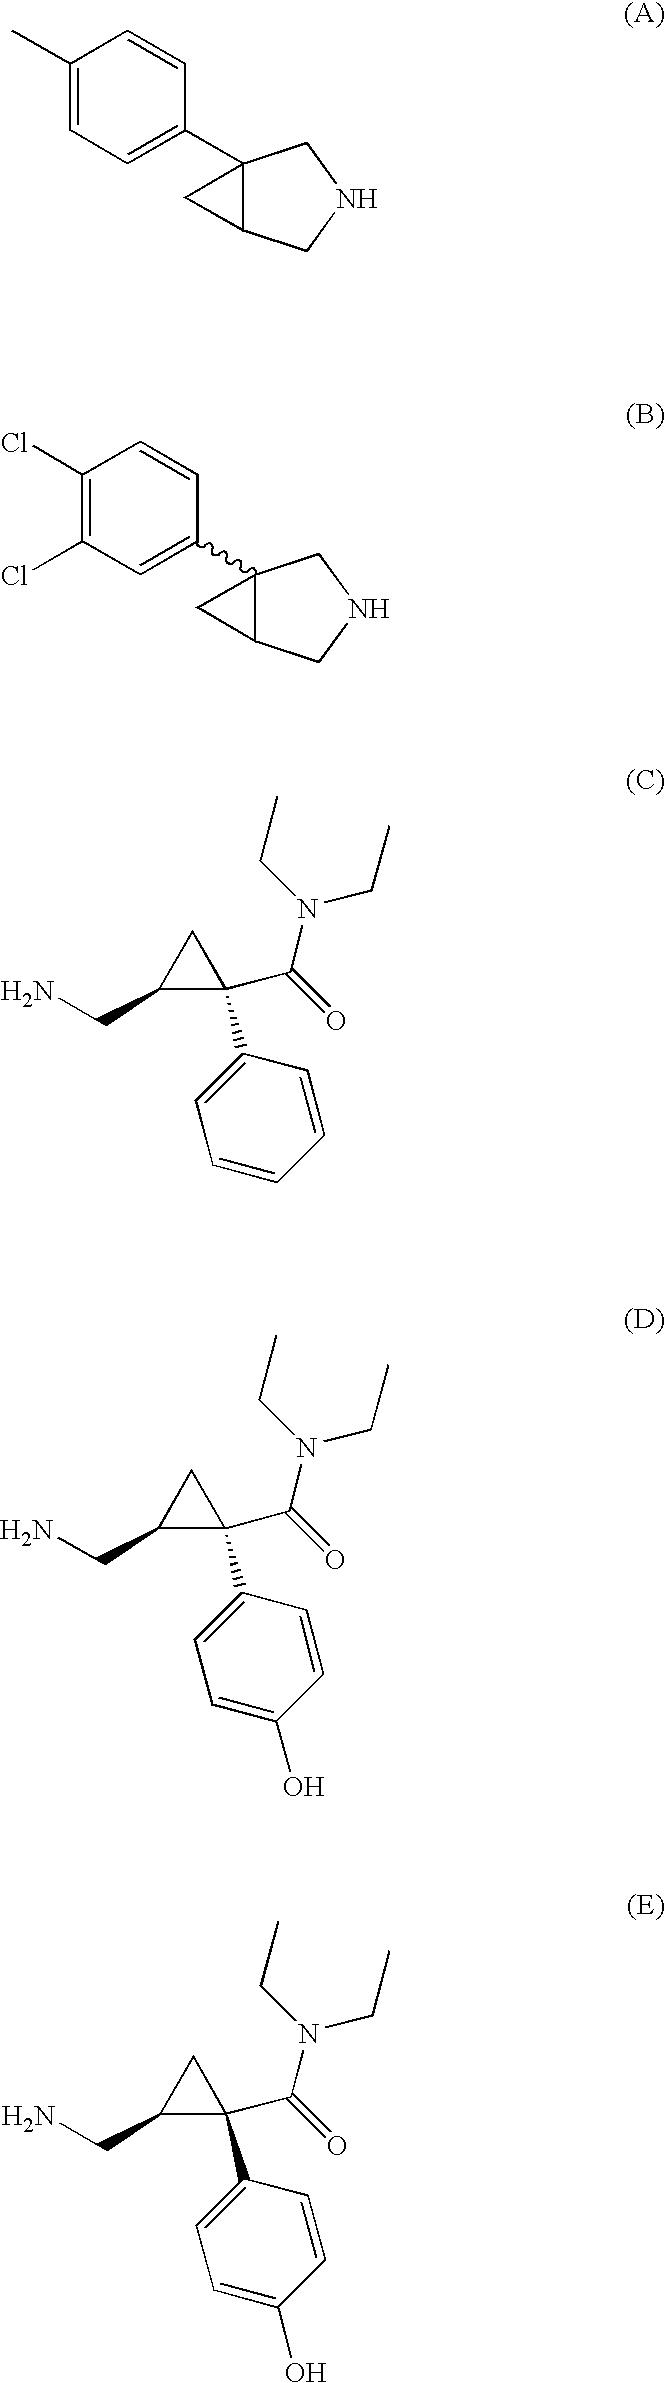 Figure US20050282859A1-20051222-C00077